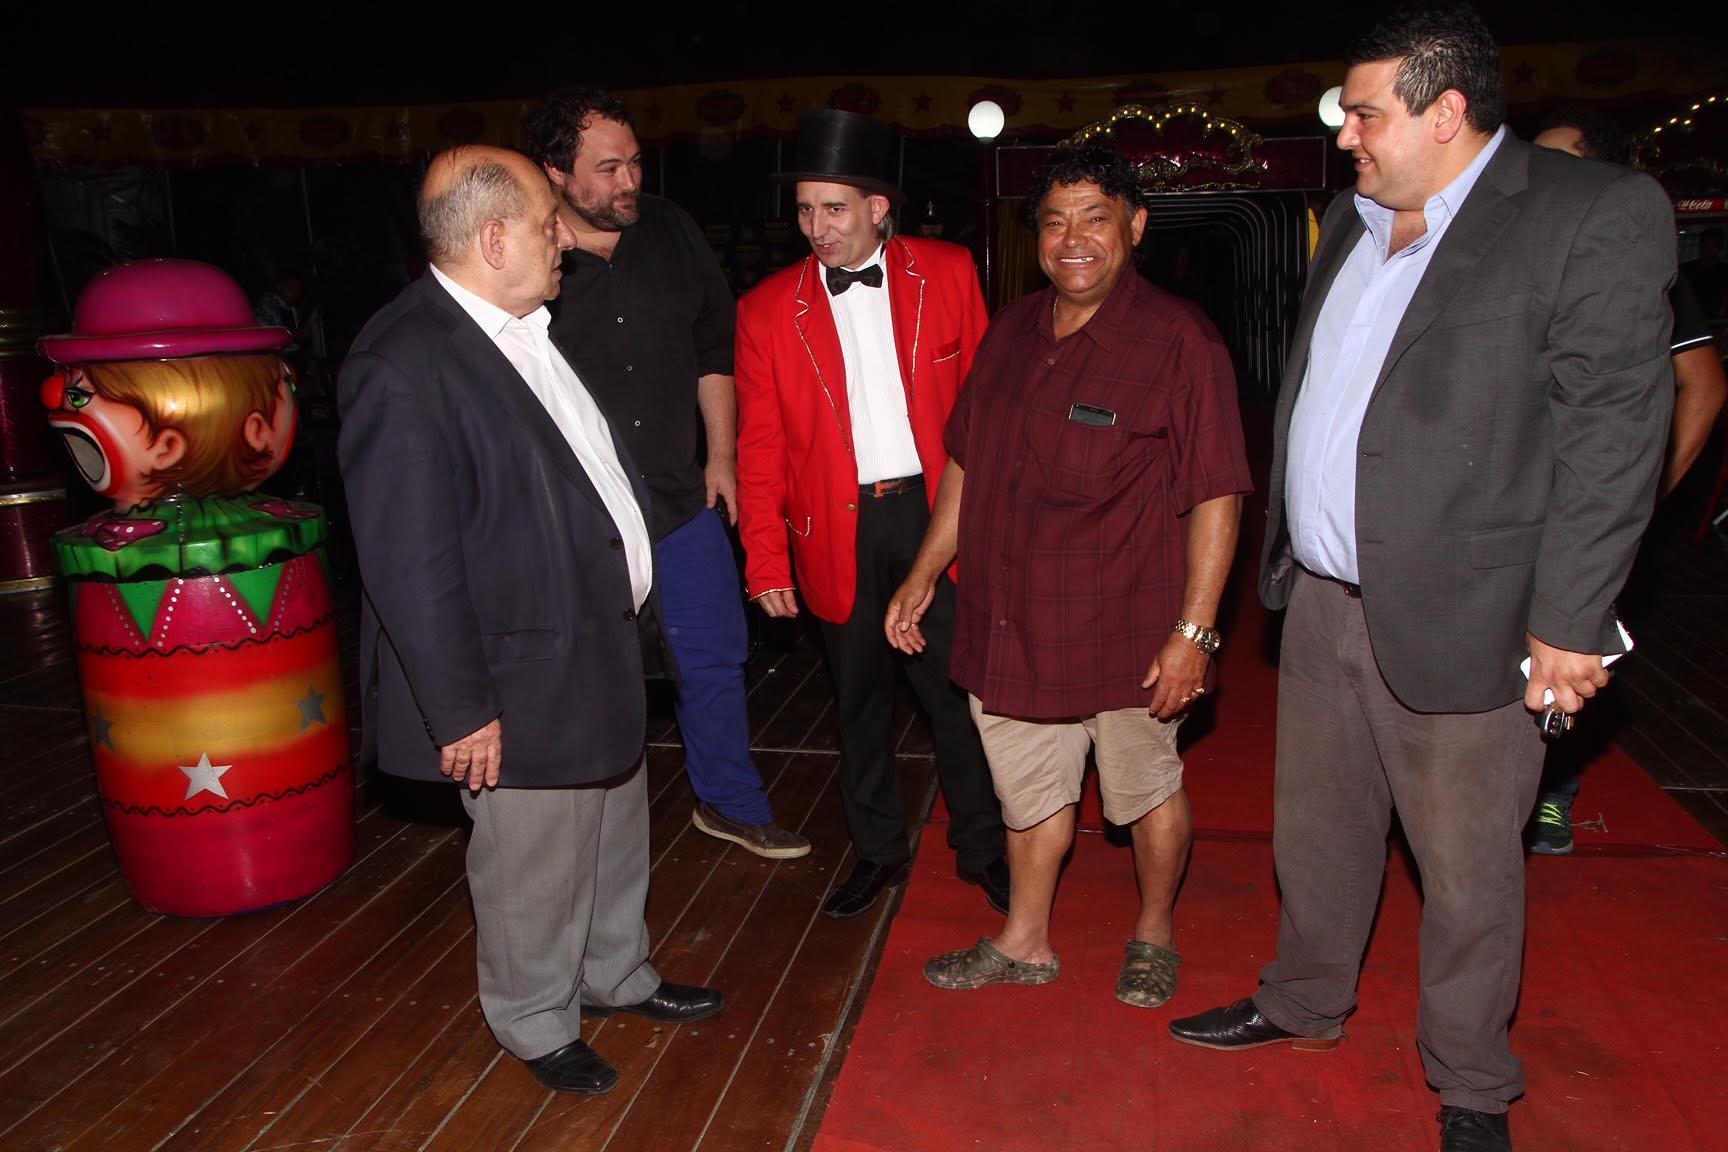 El intendente municipal, Carlos Arroyo, acompañado por Alvarito Fanproyen, saludando al Mago Sin Dientes y el titular del Circo Rodas, Jorge Rivero Suárez, tras la función inaugural. Ahora lo esperan en La Audacia.